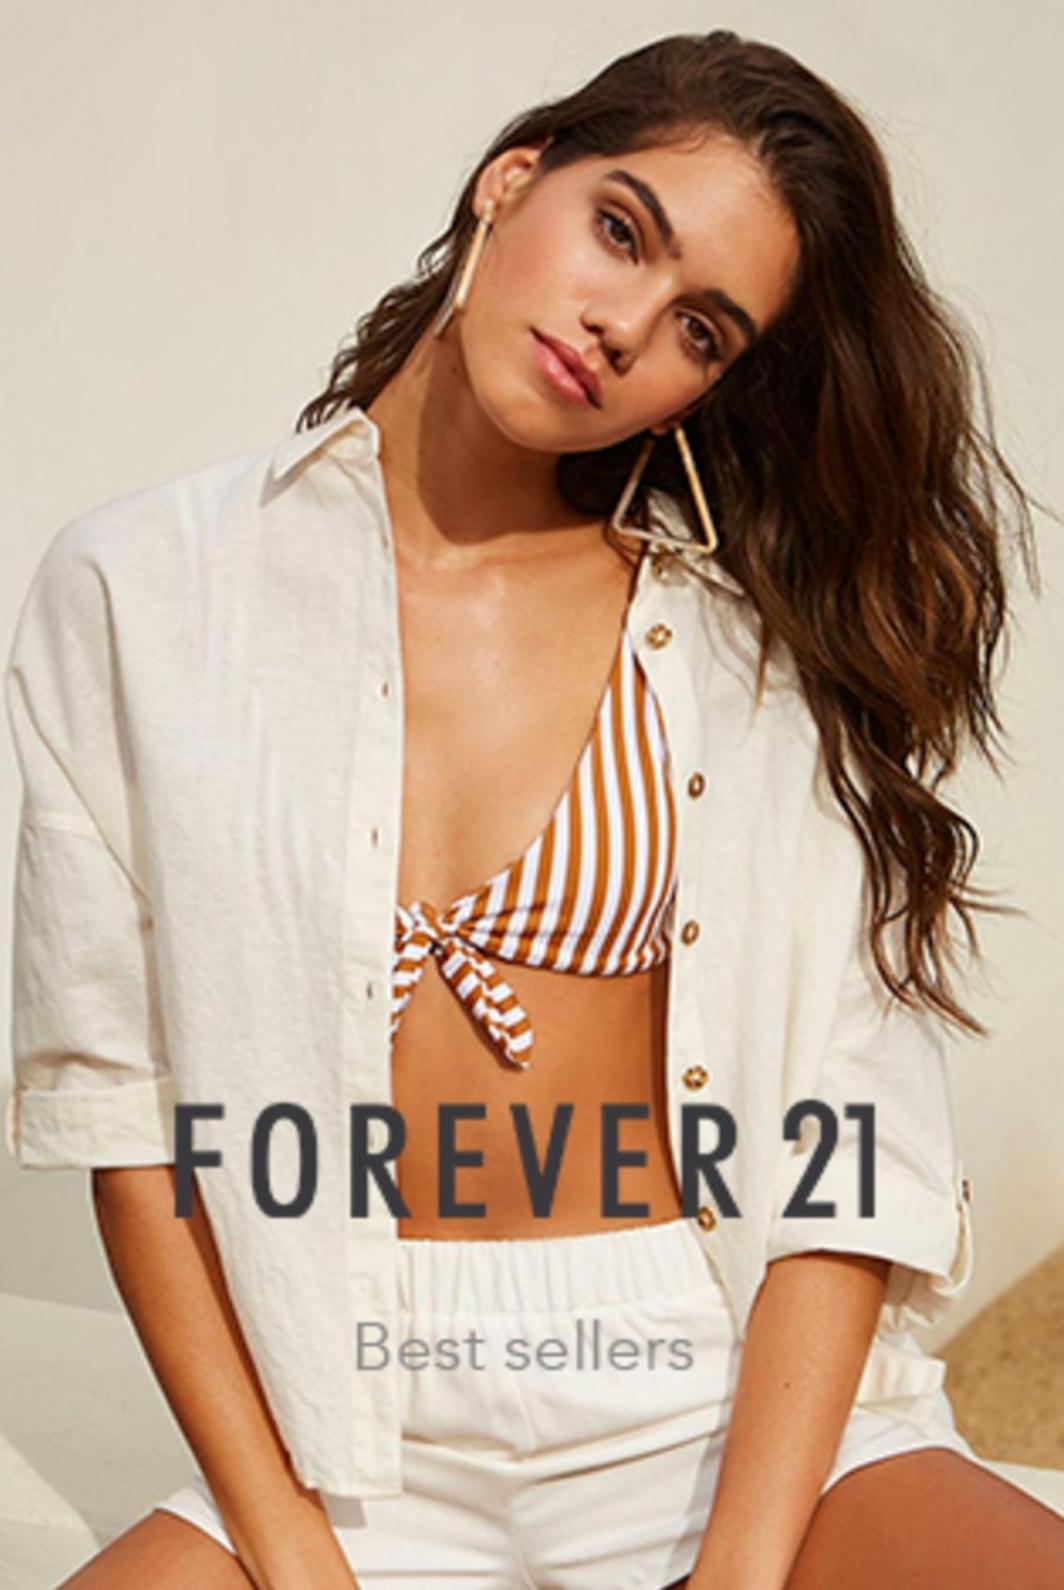 Forever 21 - 2019/05/13 - Catálogo FOREVER 21